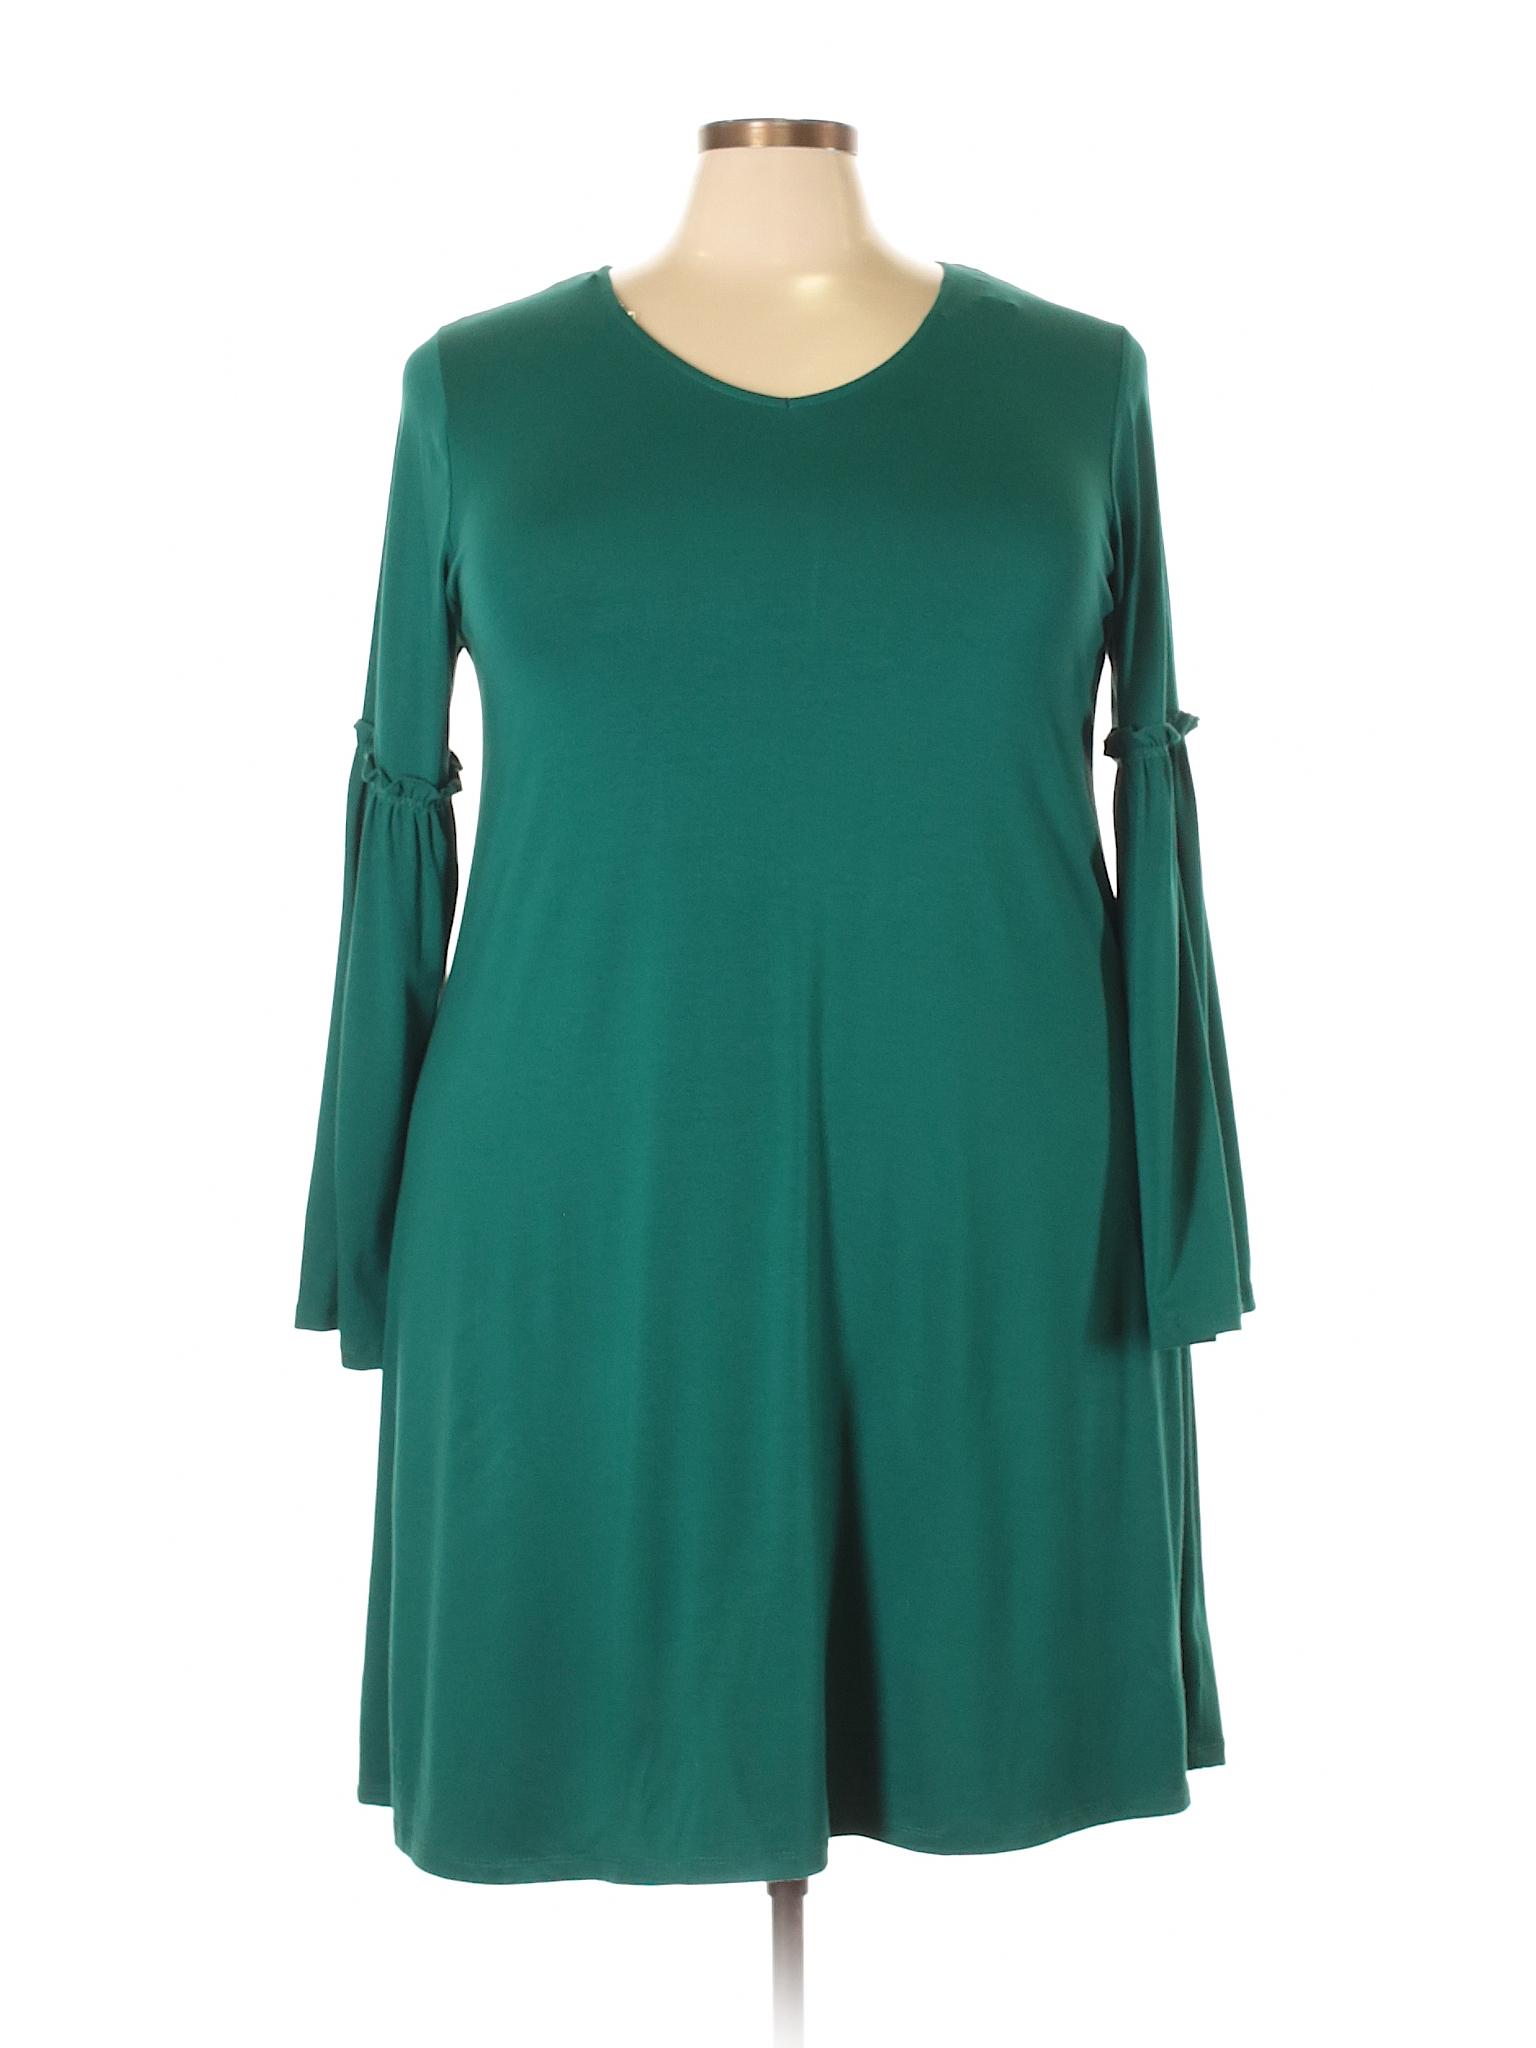 Dress Dress Boutique winter winter Casual Casual Boutique Boutique Boutique Casual winter Boutique Boutique 7S0wxFWq